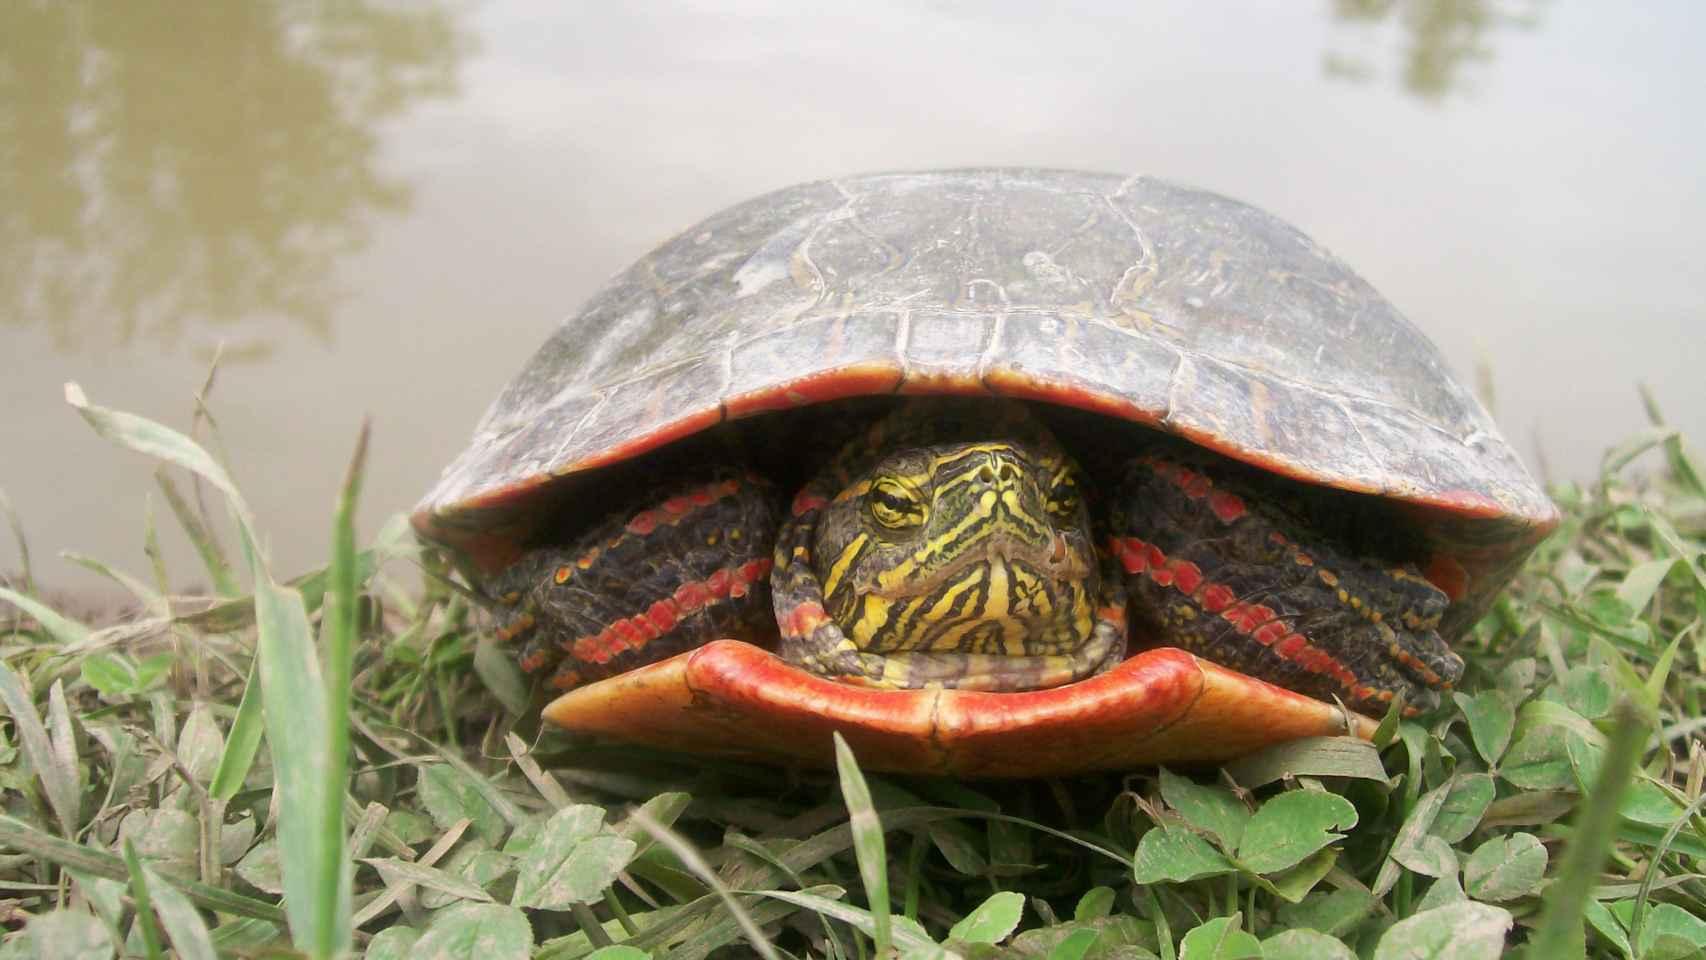 La tortuga pintada utiliza el gen para la visión del rojo y para la coloración externa